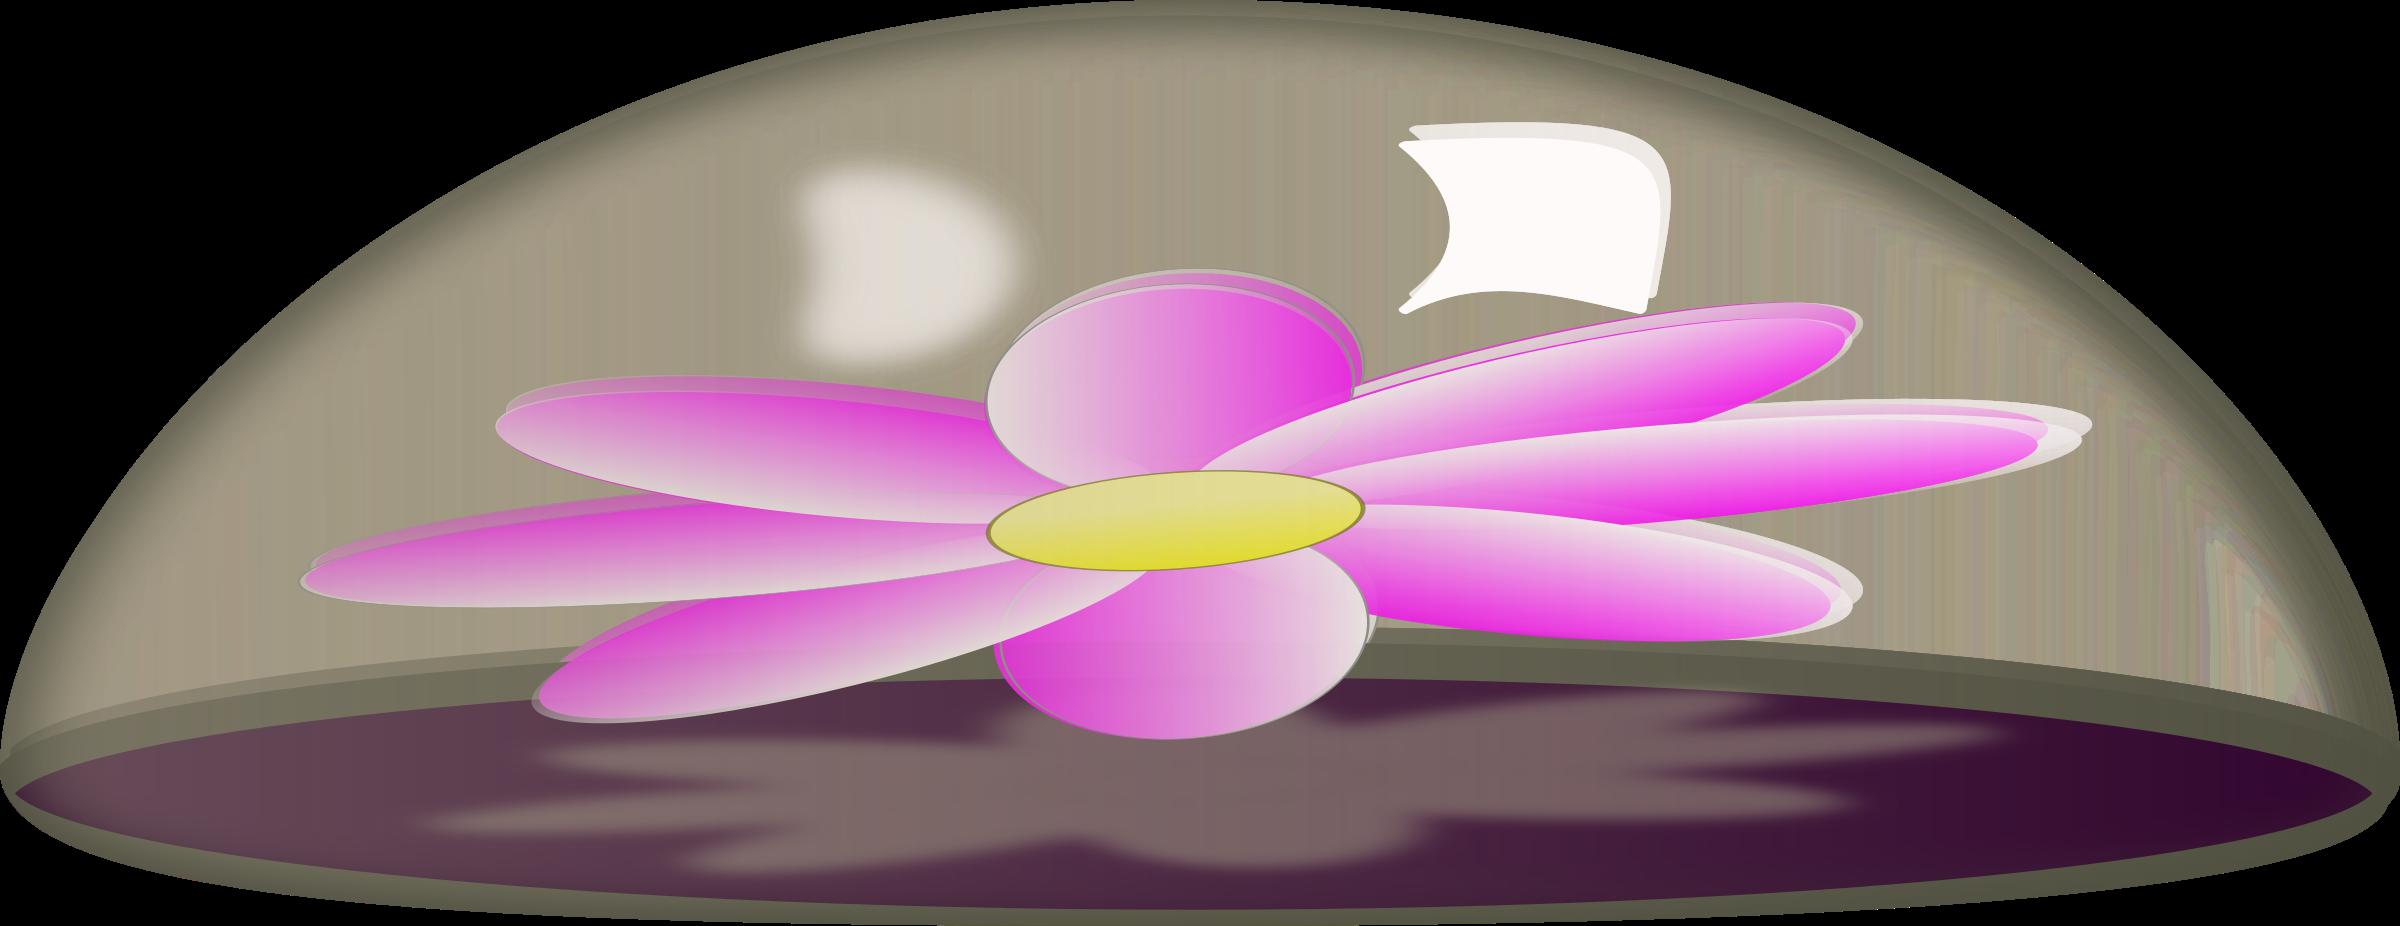 Paper flower clipart svg transparent download Clipart - Flower in Glass Paper Weight svg transparent download